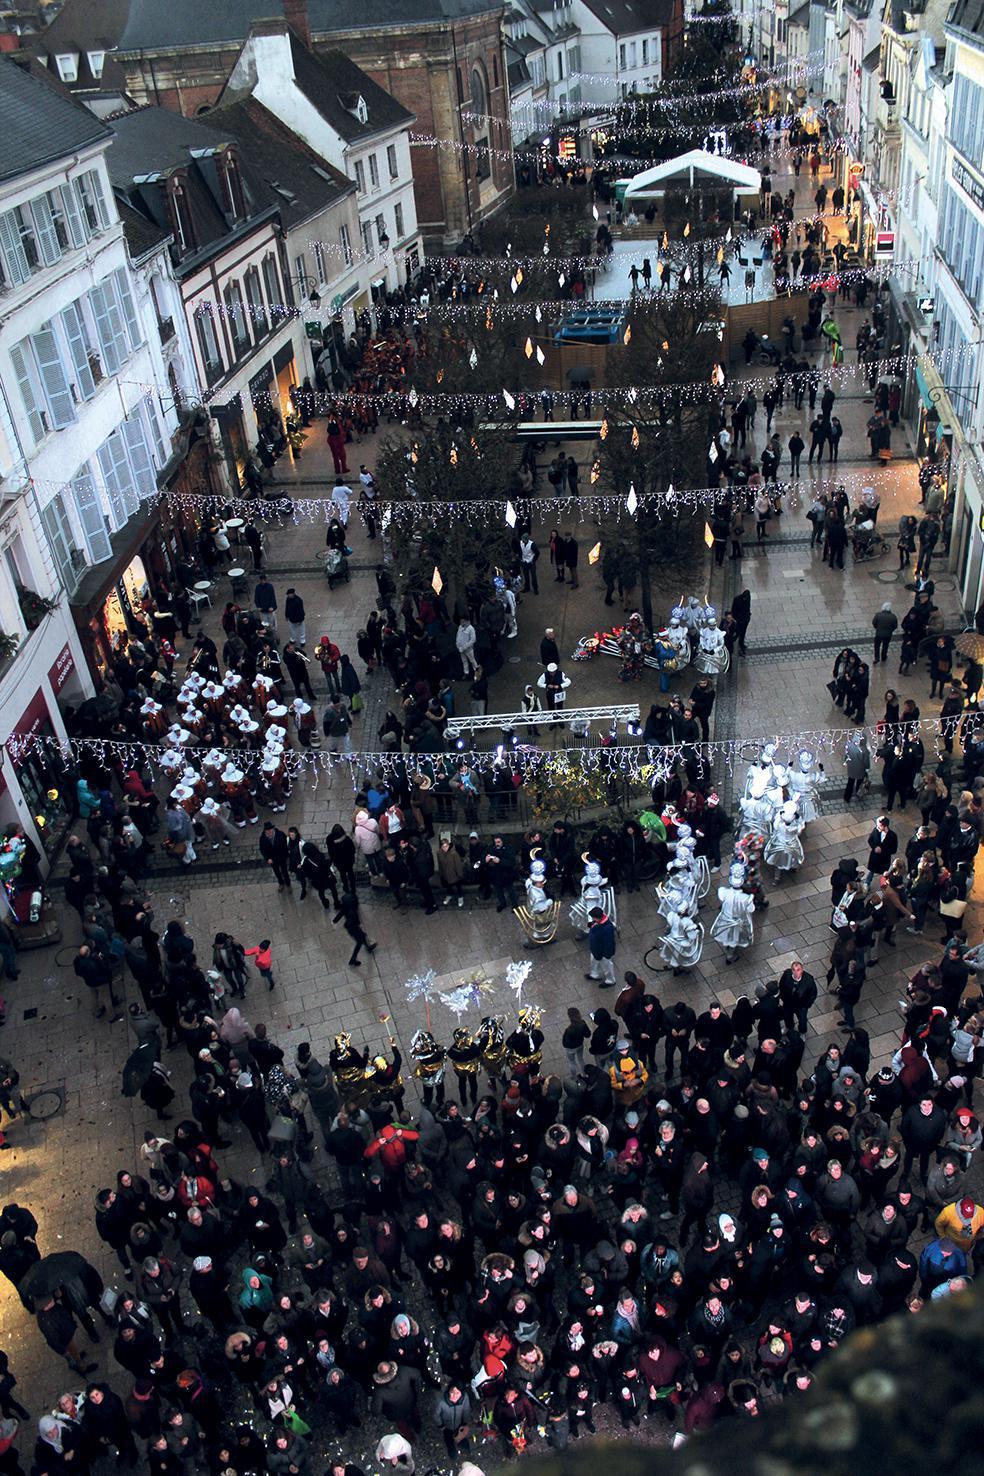 Les festivités de fin d'année se préparent à Dreux !